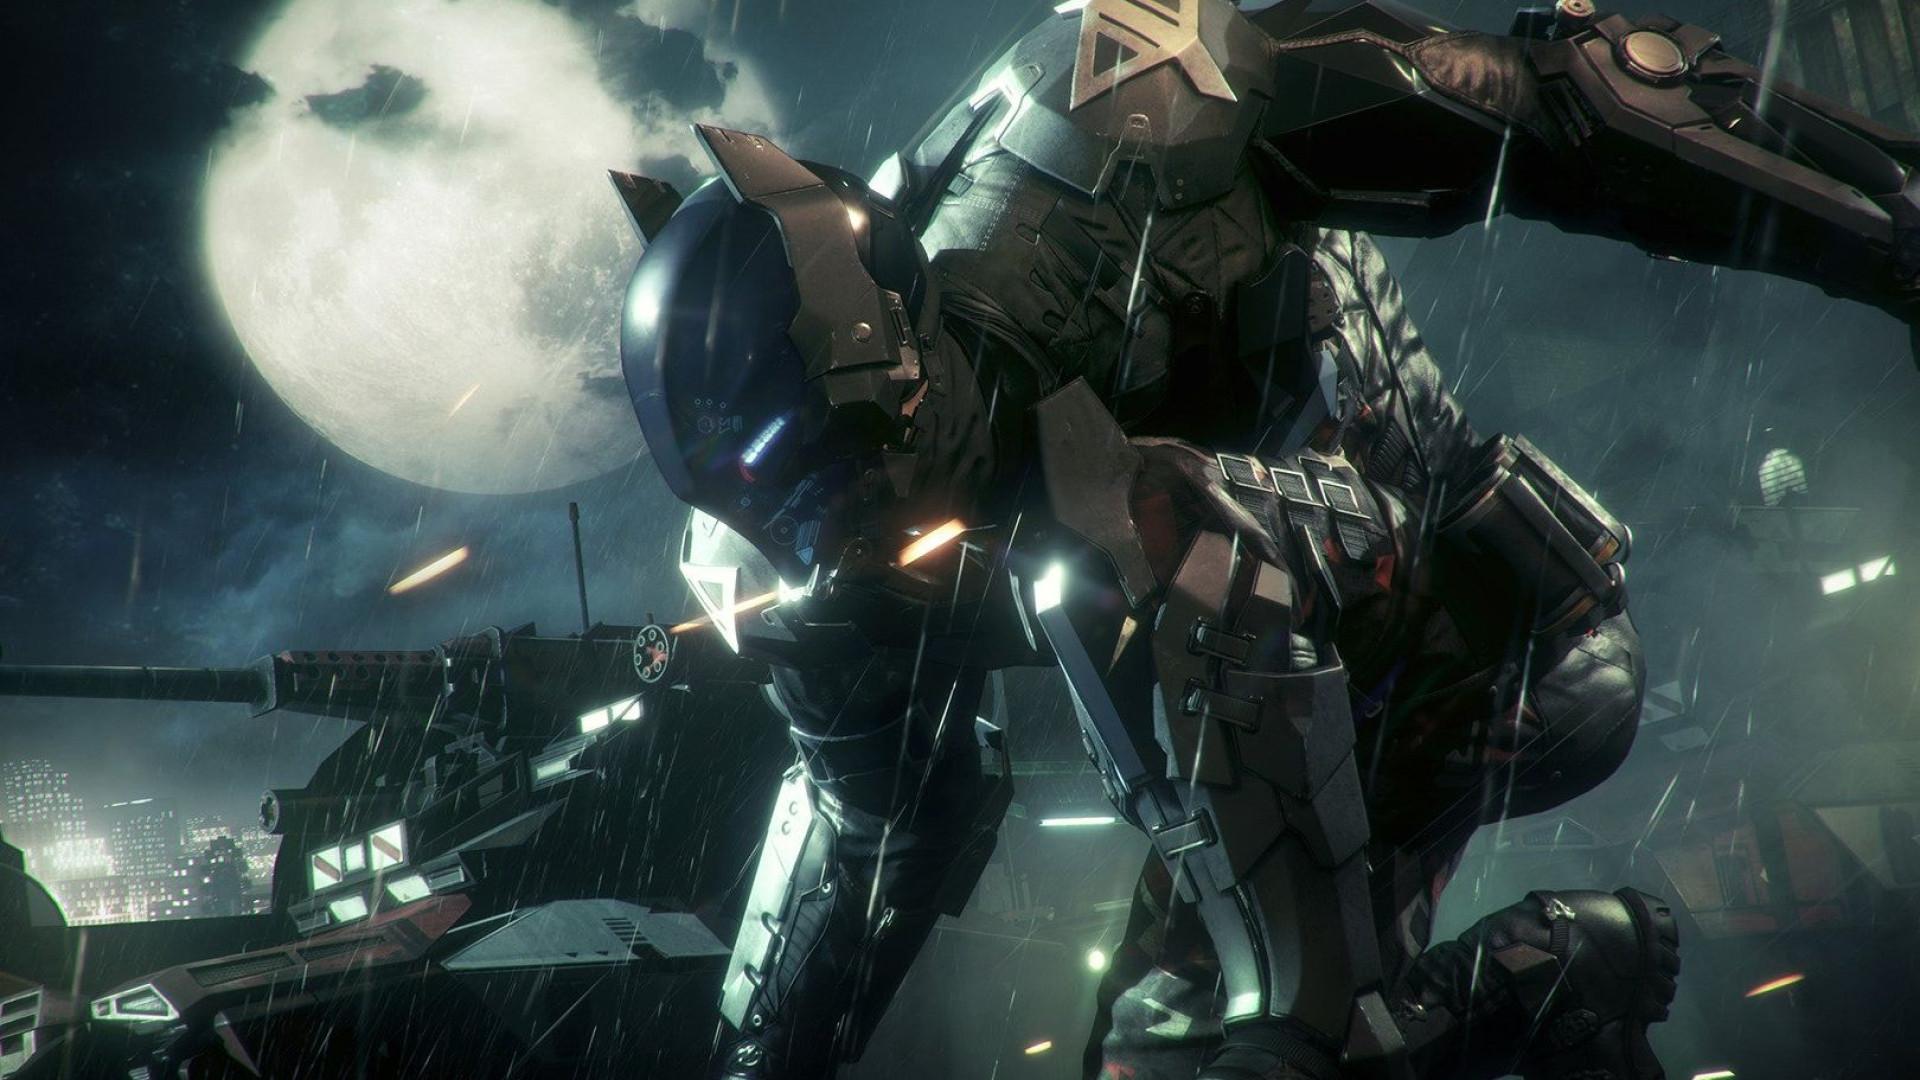 Fãs de Batman, há seis jogos grátis do super-herói para PC